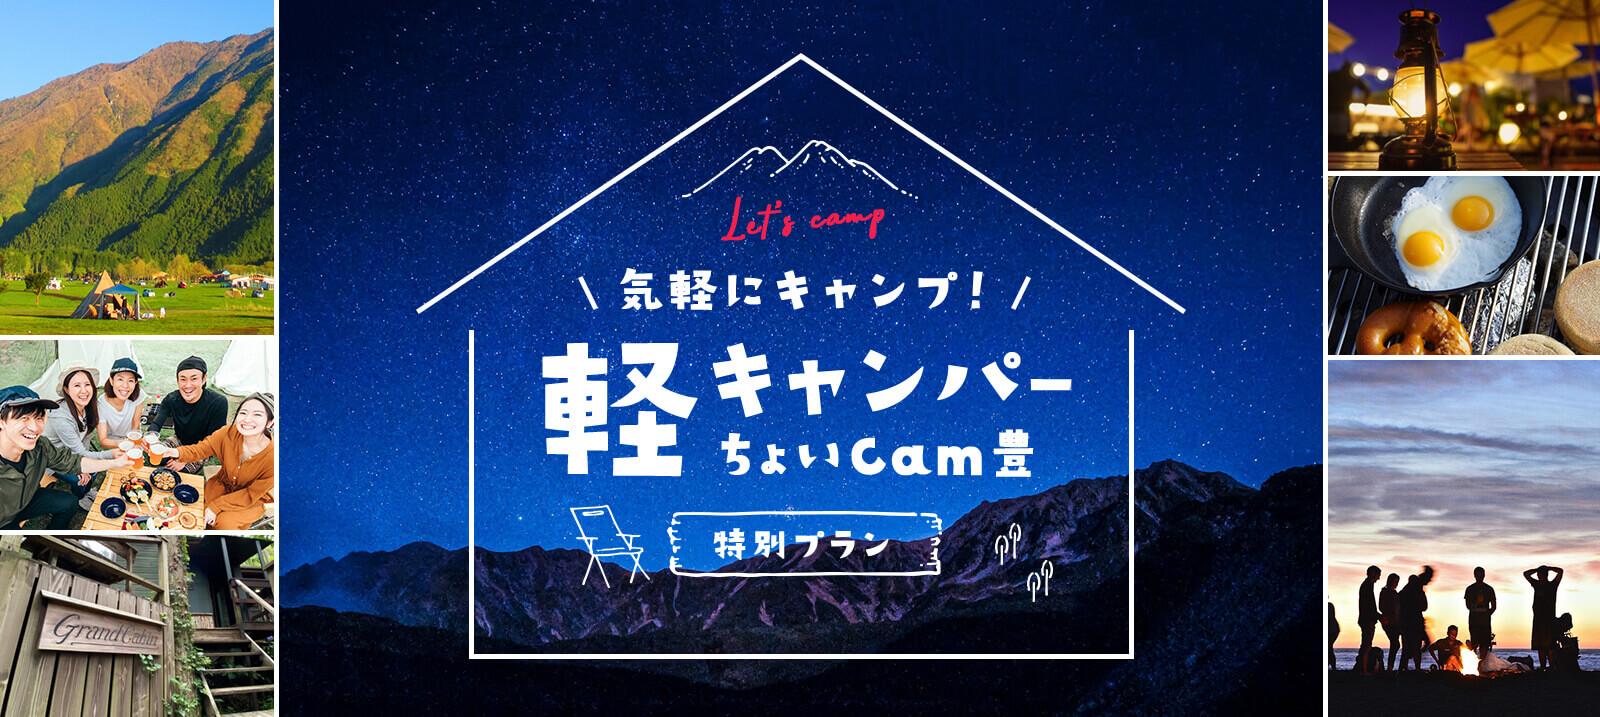 気軽にキャンプ!軽キャンパー(ちょいCam豊)特別プラン